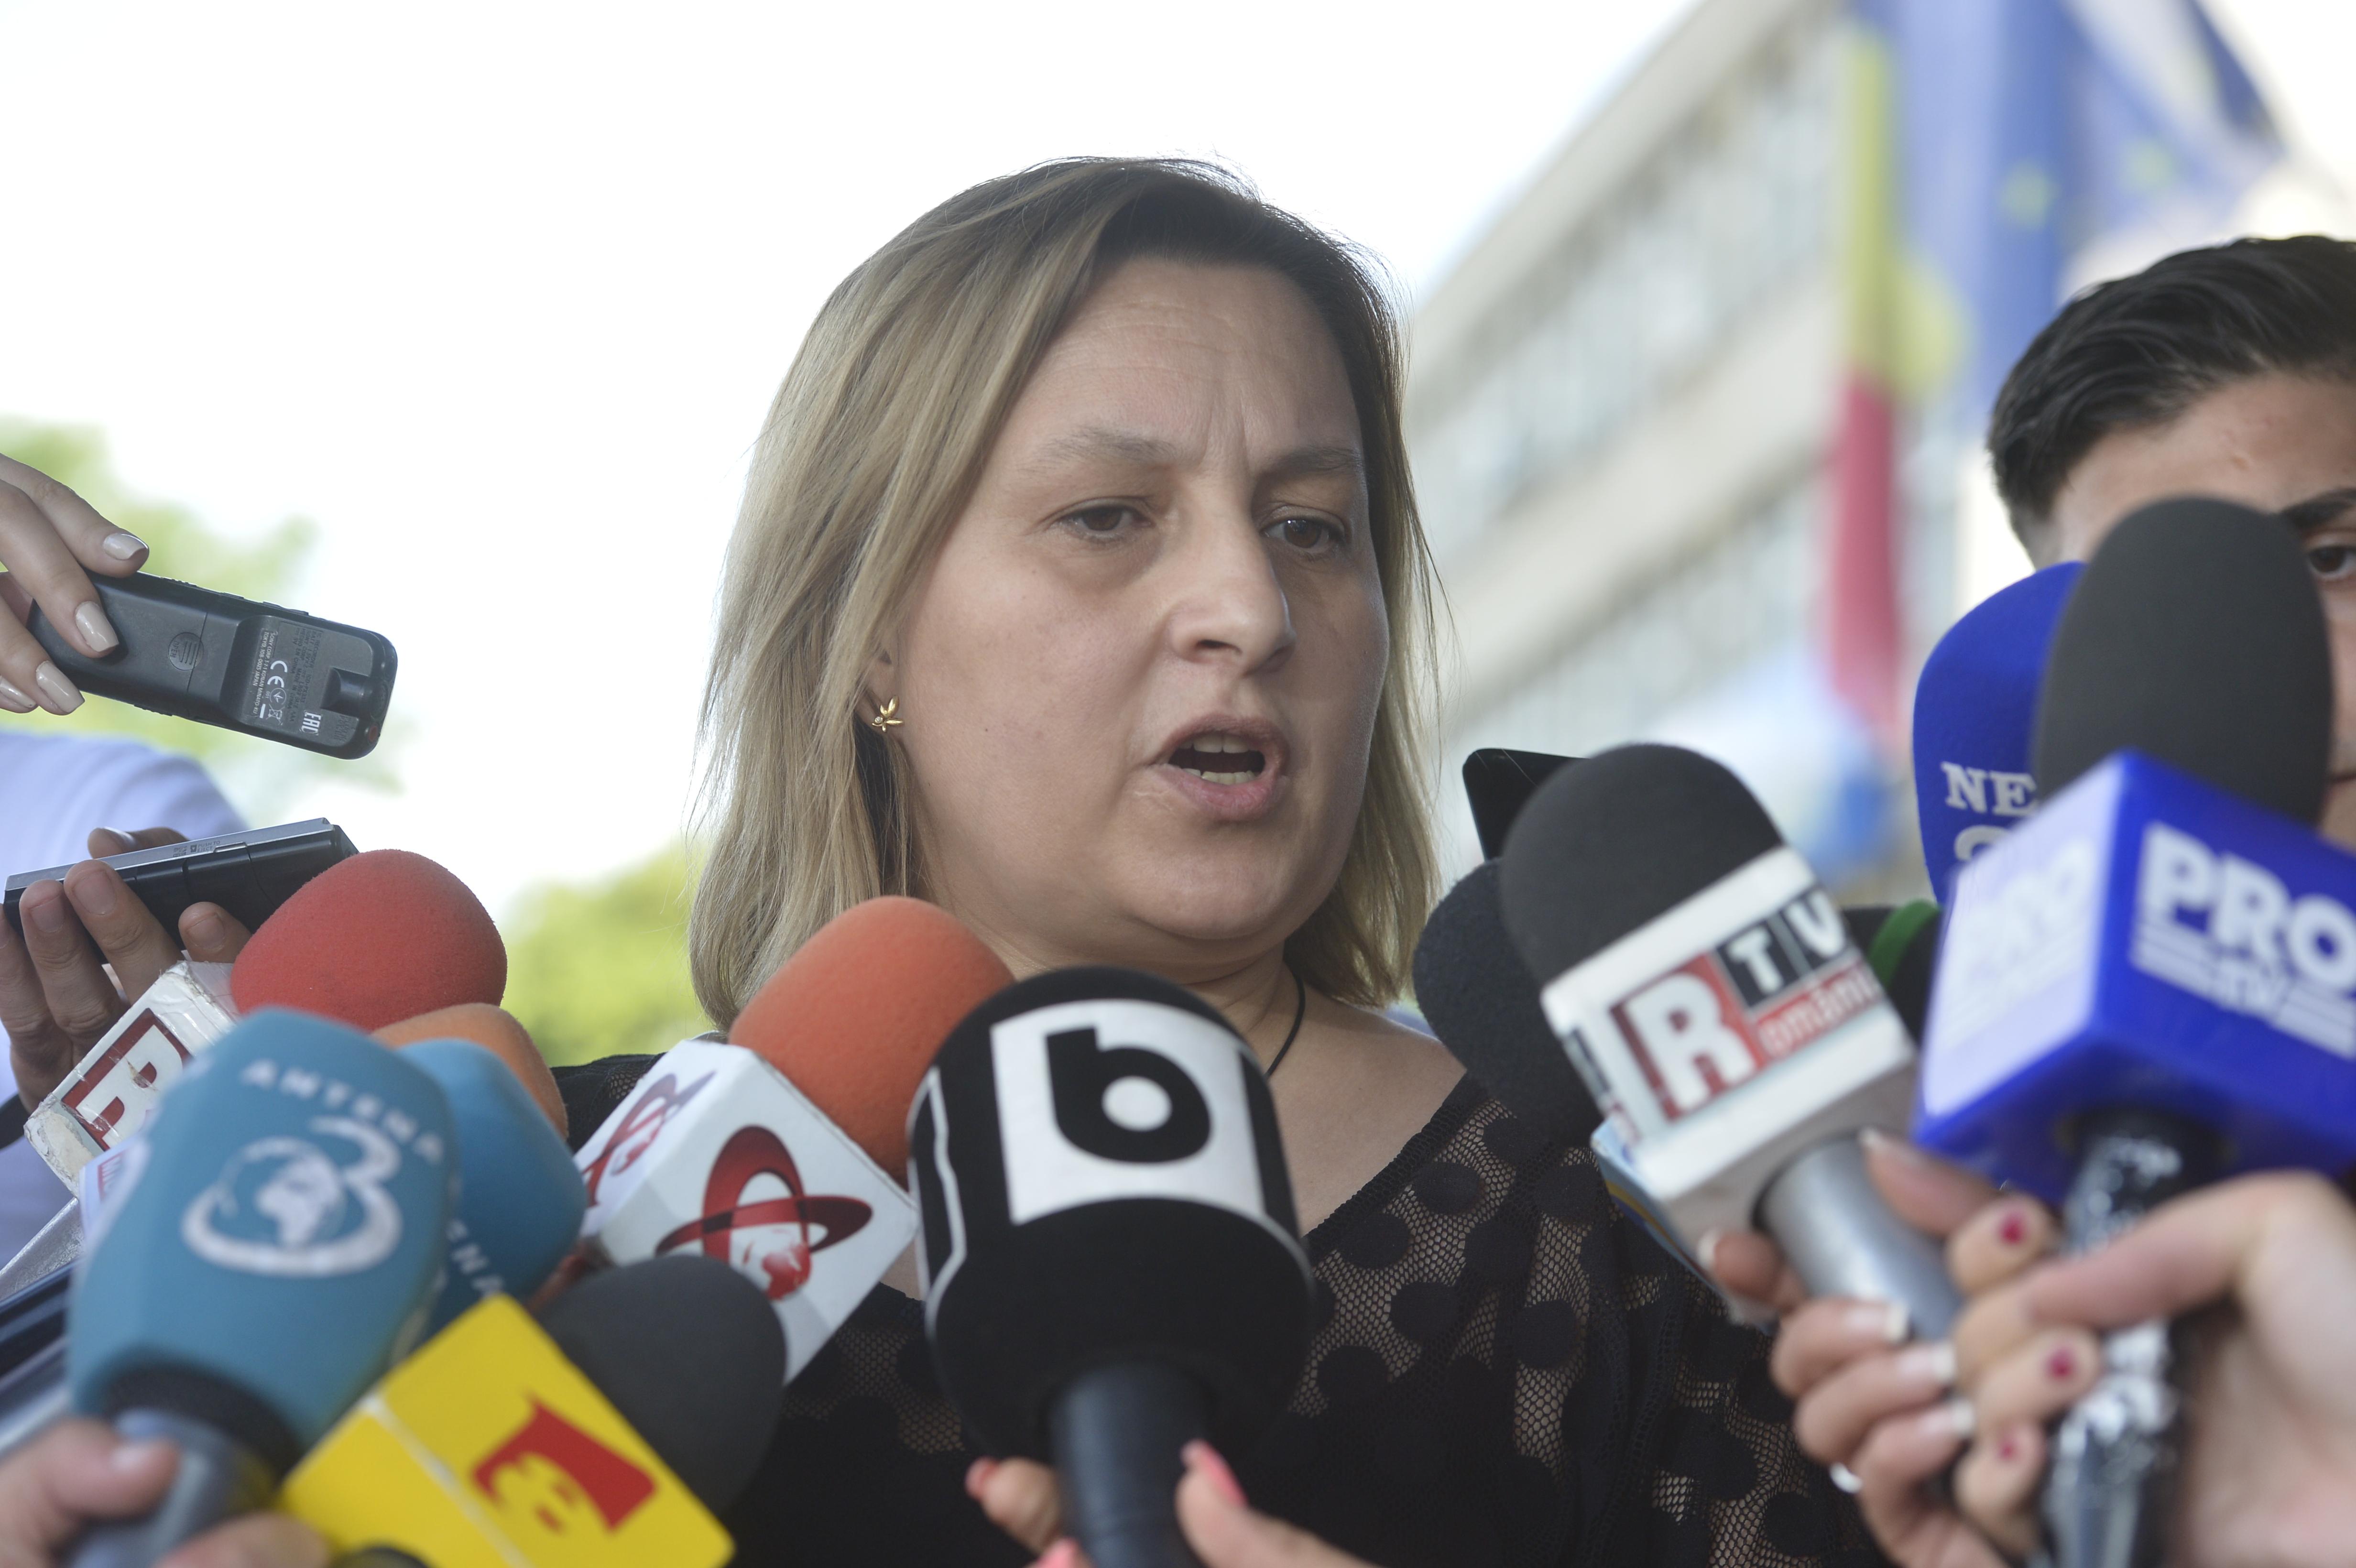 Mihaiela Iorga, procuroul revocat din DNA: Dinu Pescariu a denunţat un posibil trafic de influenţă săvârşit de un fost prim-ministru